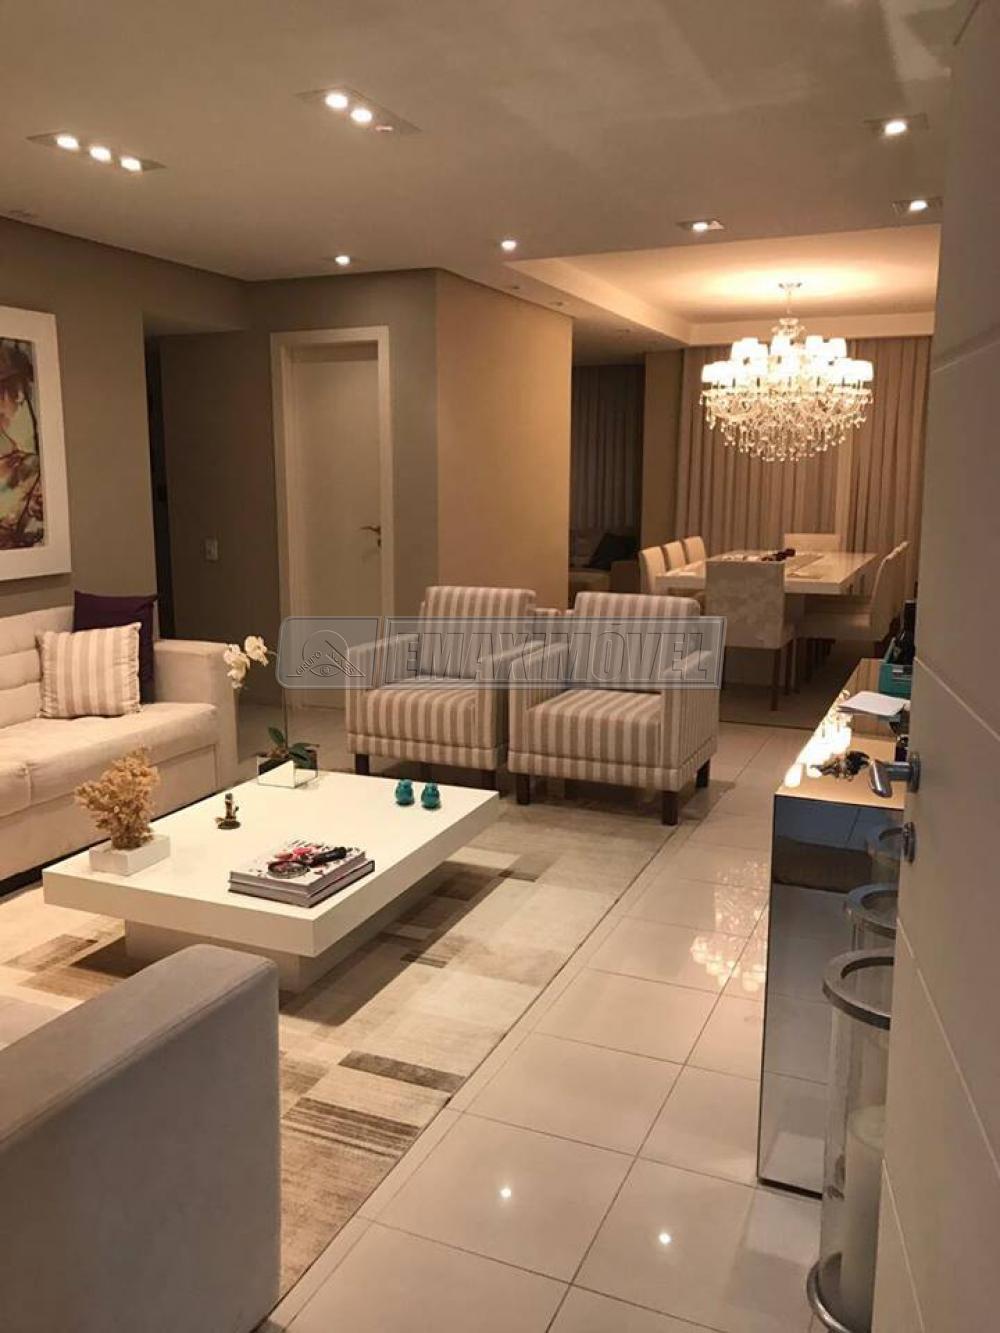 Comprar Apartamentos / Apto Padrão em Sorocaba. apenas R$ 640.000,00